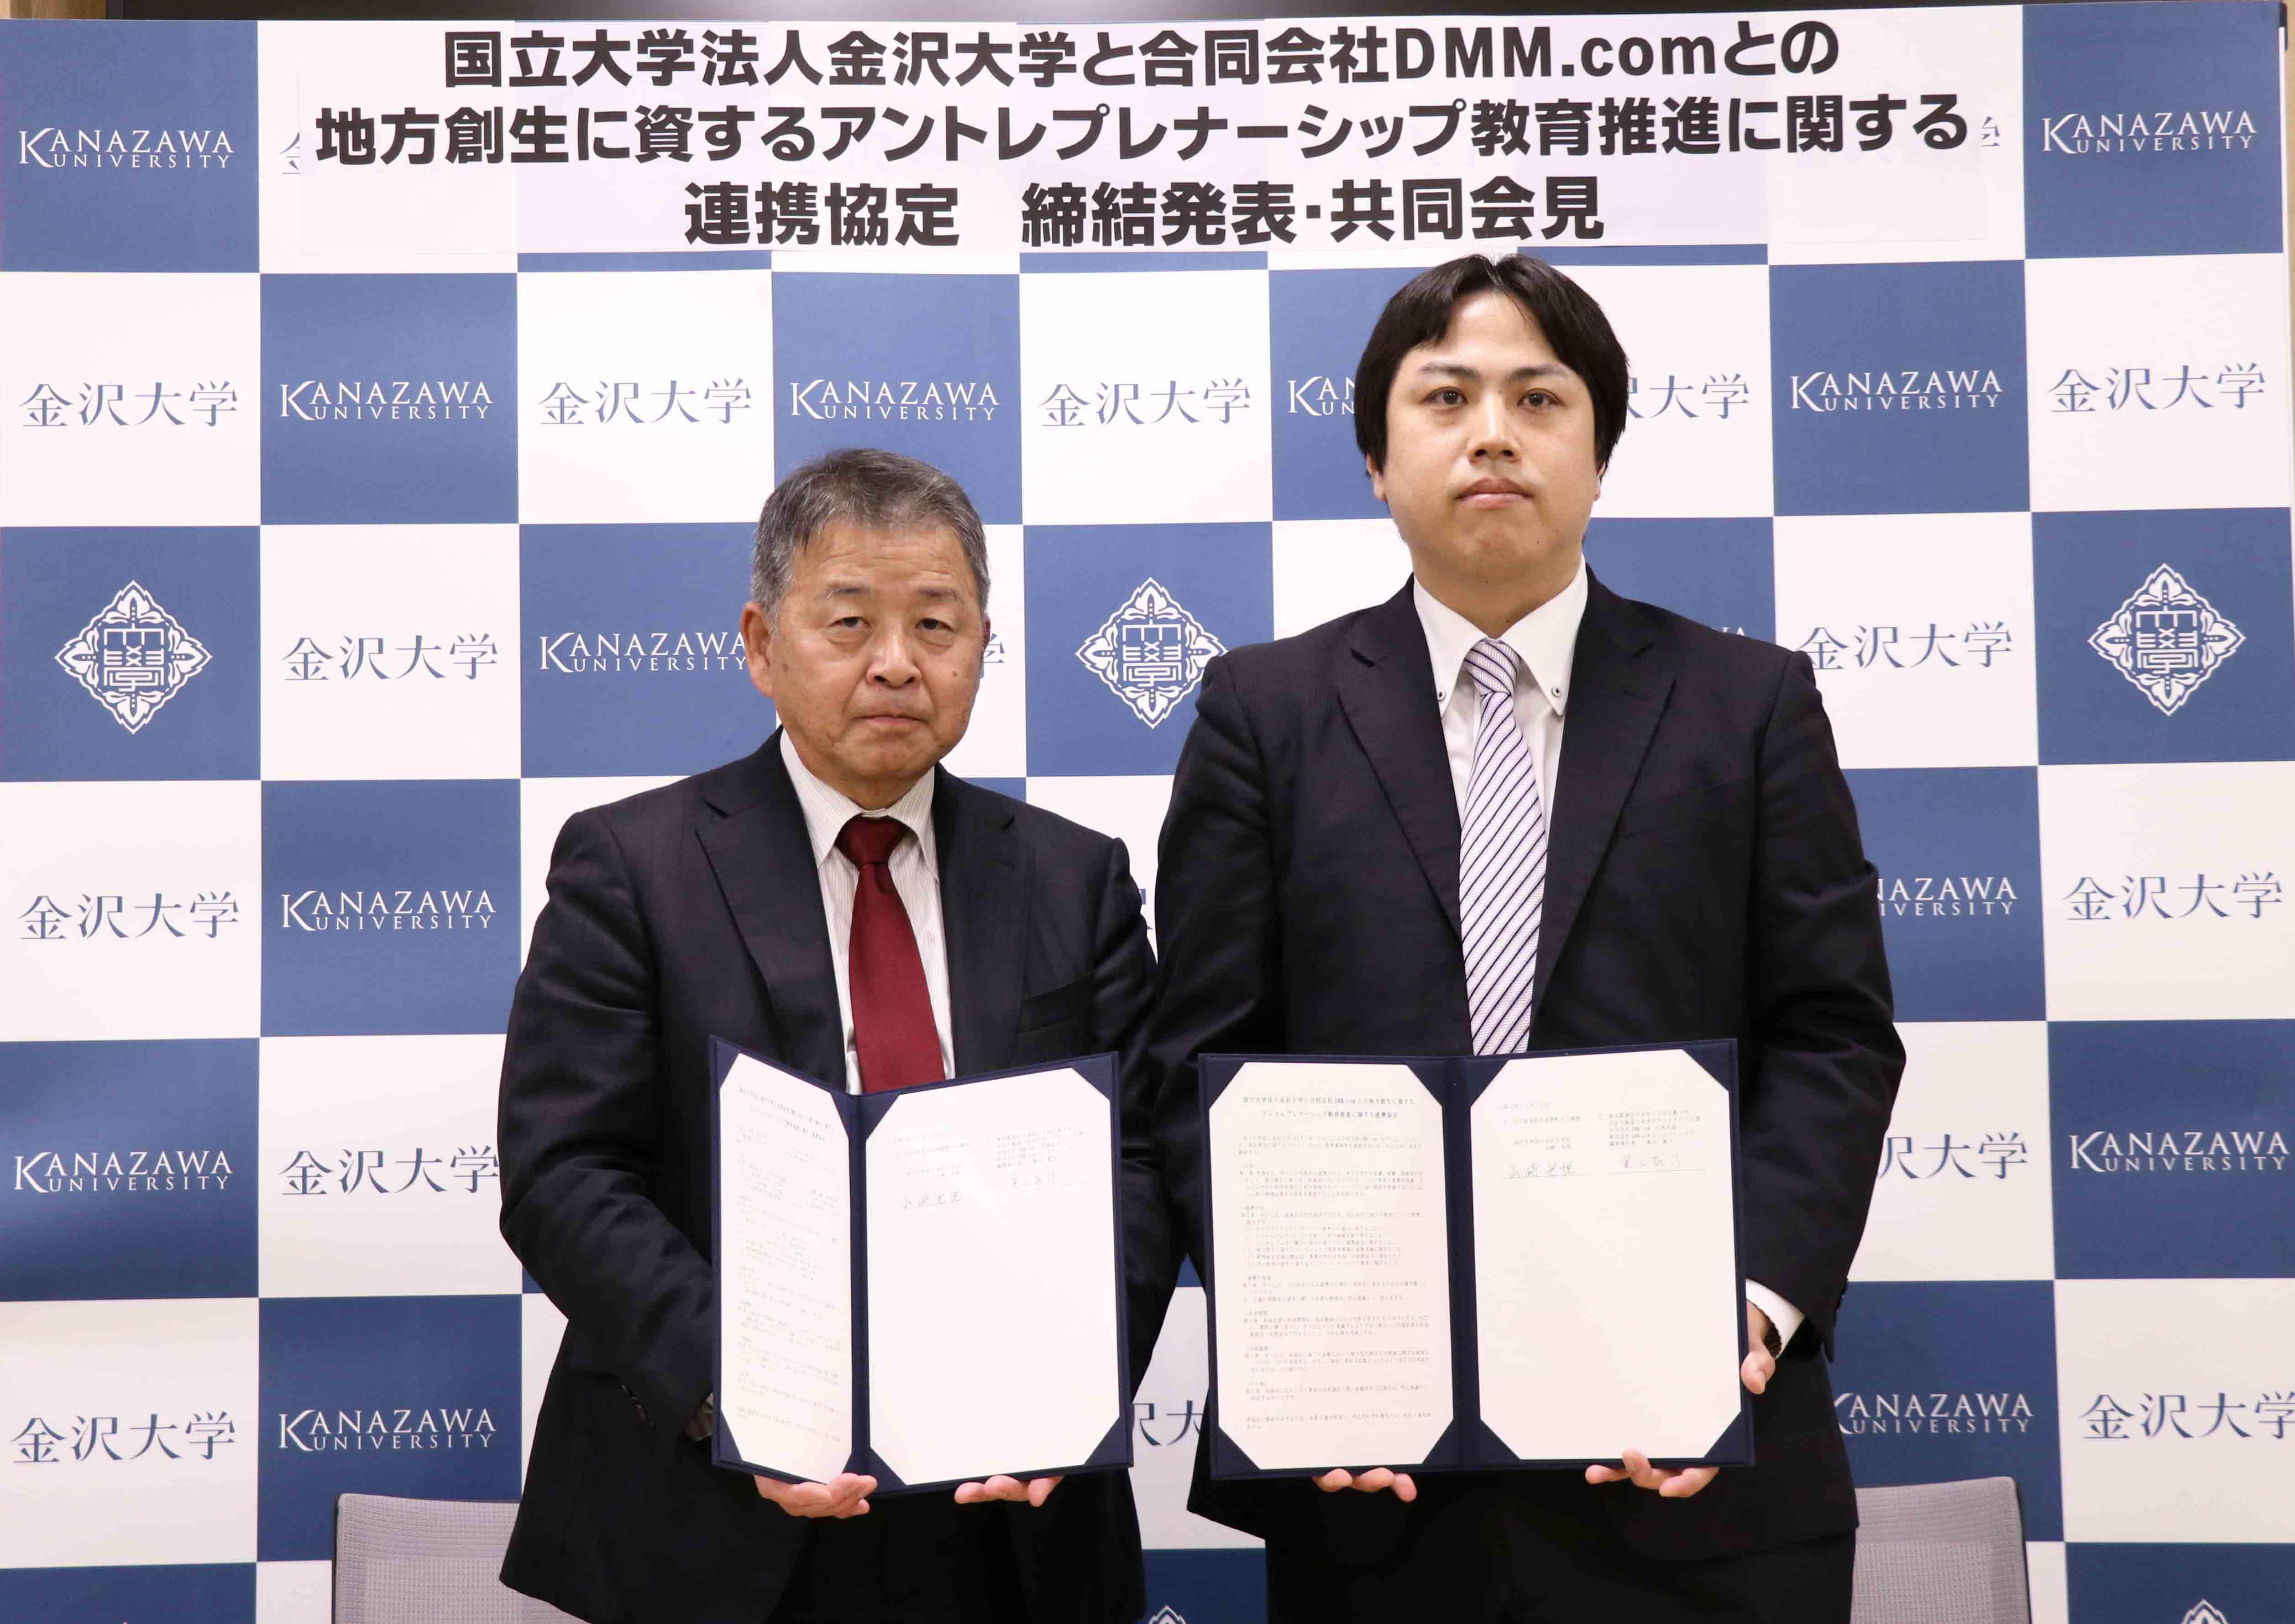 金沢大学がDMM.comおよびNEDOとそれぞれ協定を締結 -- アントレプレナーシップ教育・起業家支援のさらなる推進を目指す